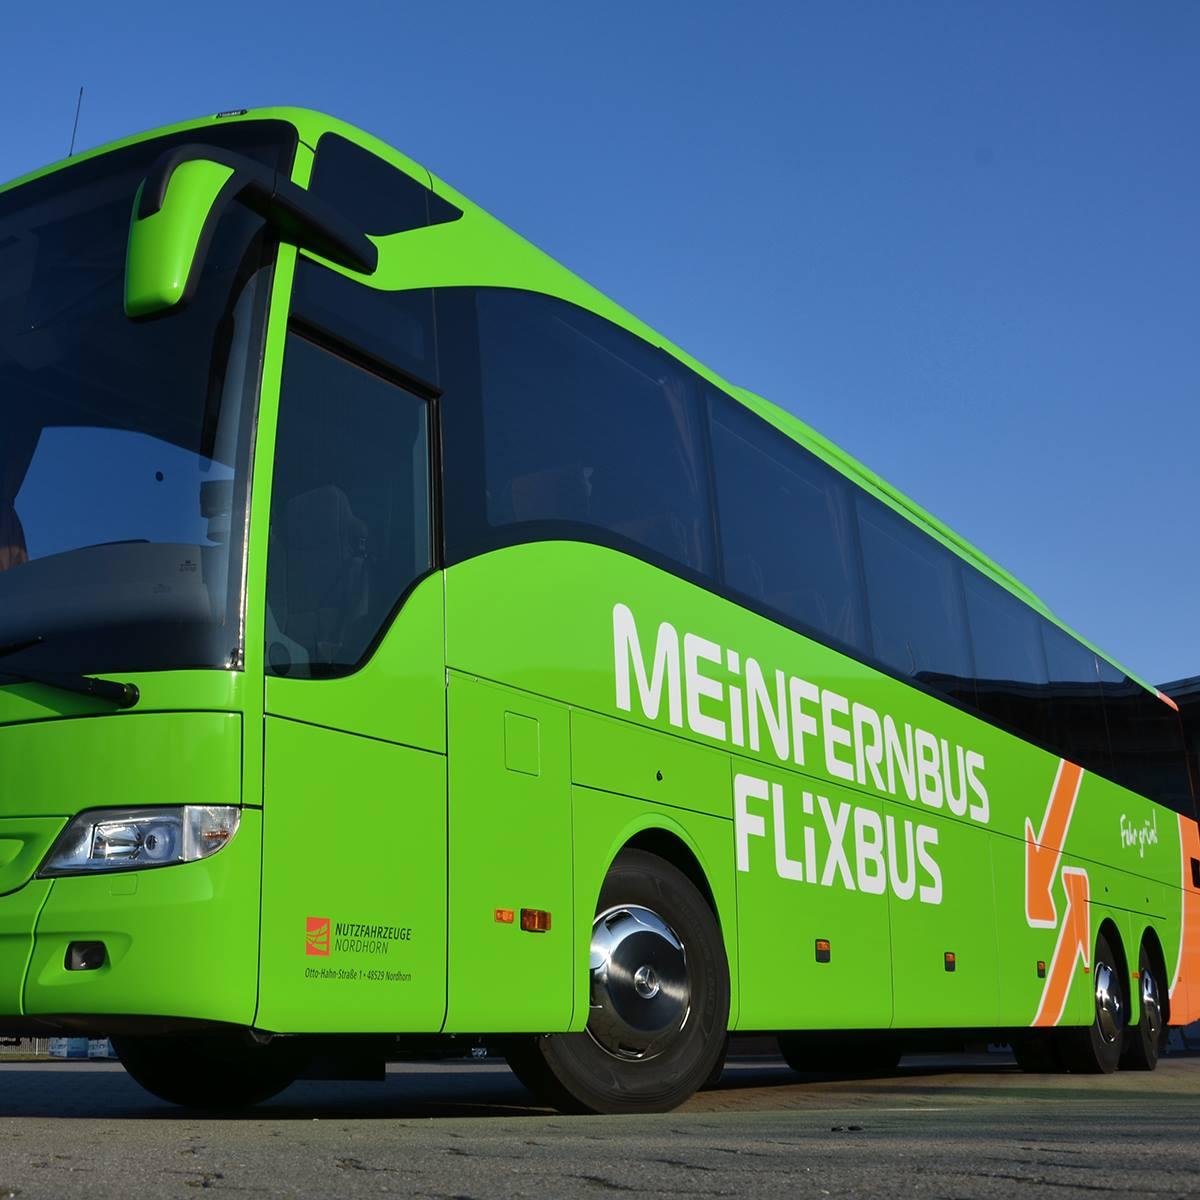 Voyage à petits prix : les cars allemands FlixBus sont arrivés à Metz